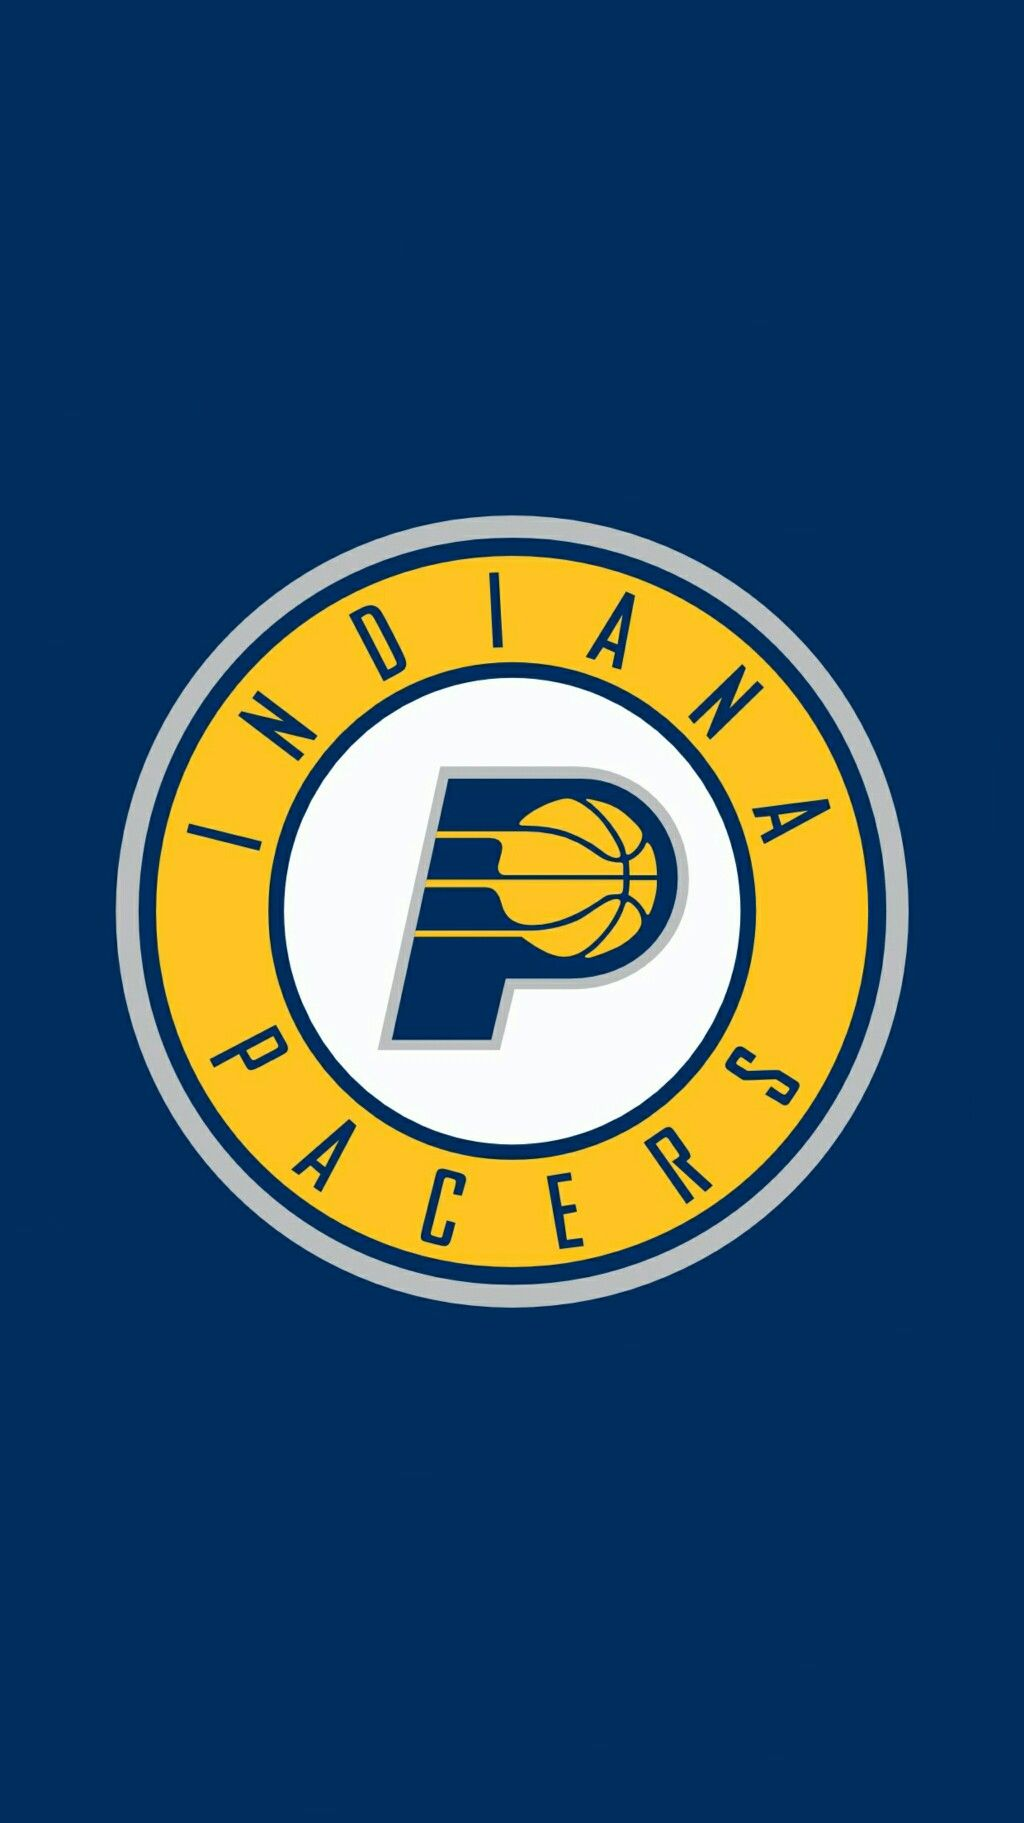 Indianapacers Indiana Pacers Indiana Pacers Basketball Outdoor Logos